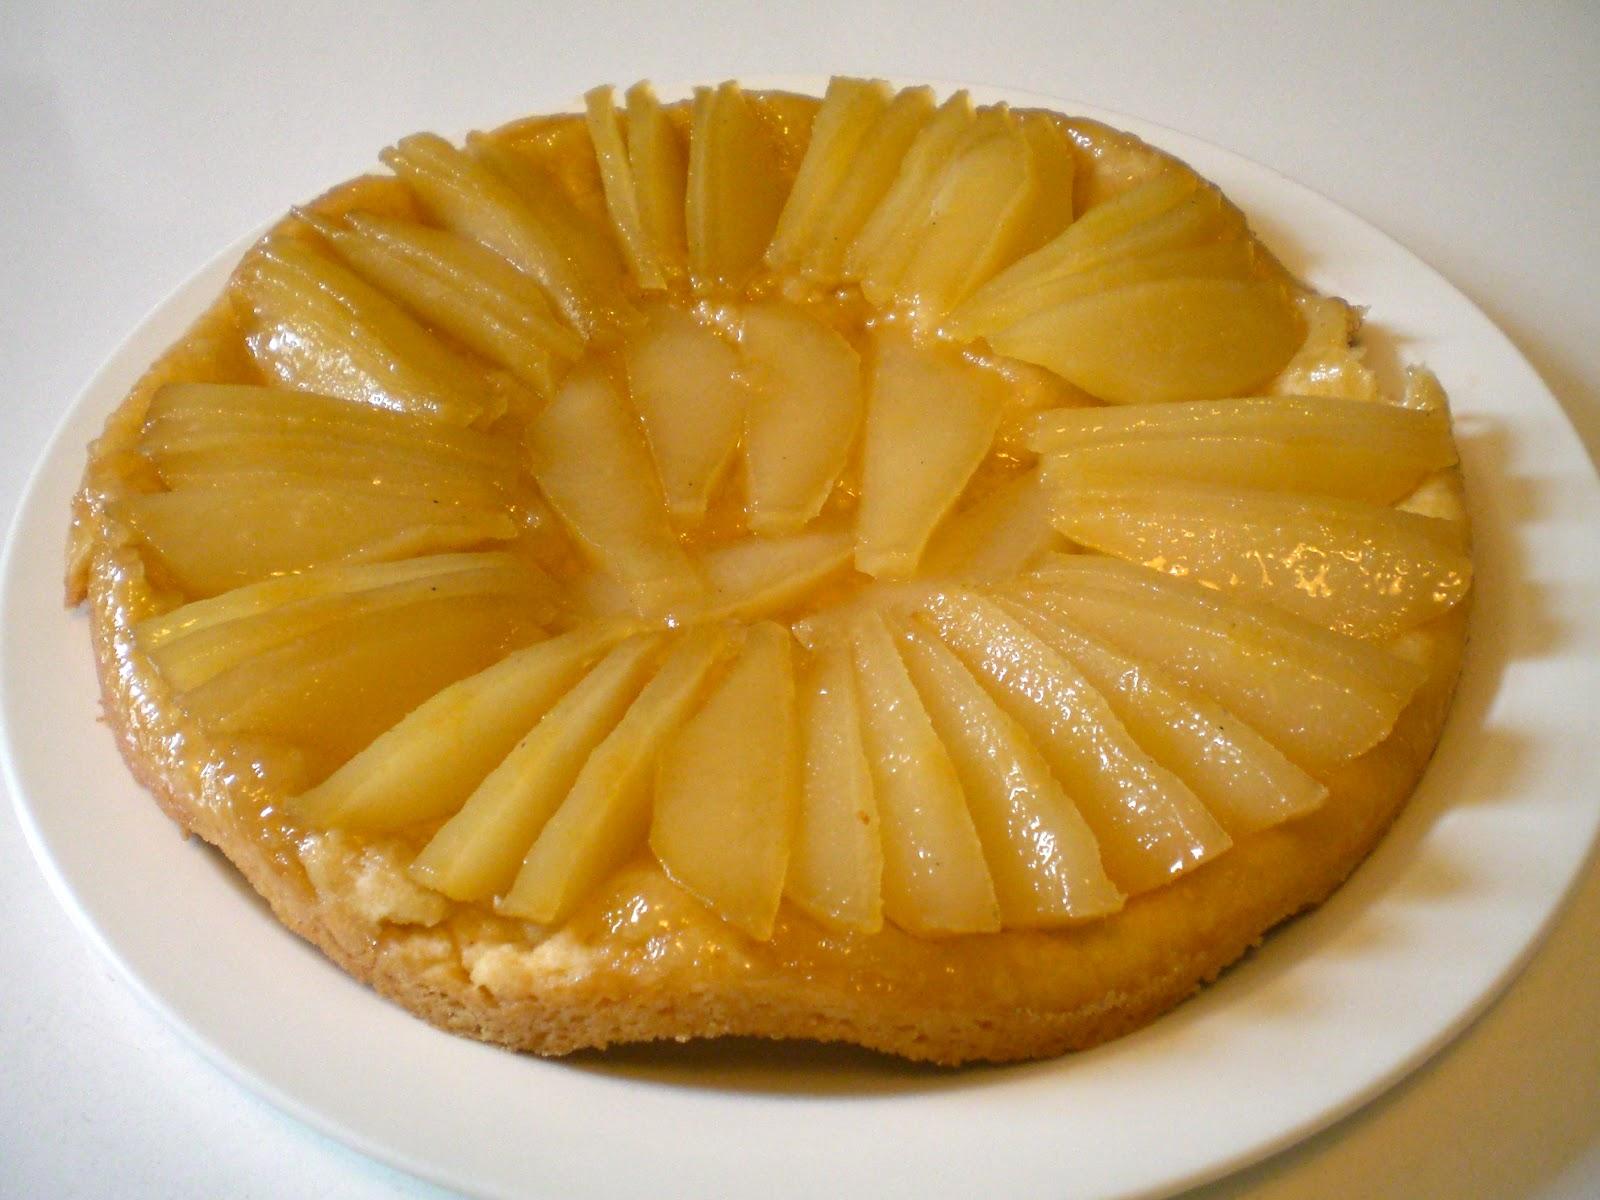 Knitorama: Pear Tart